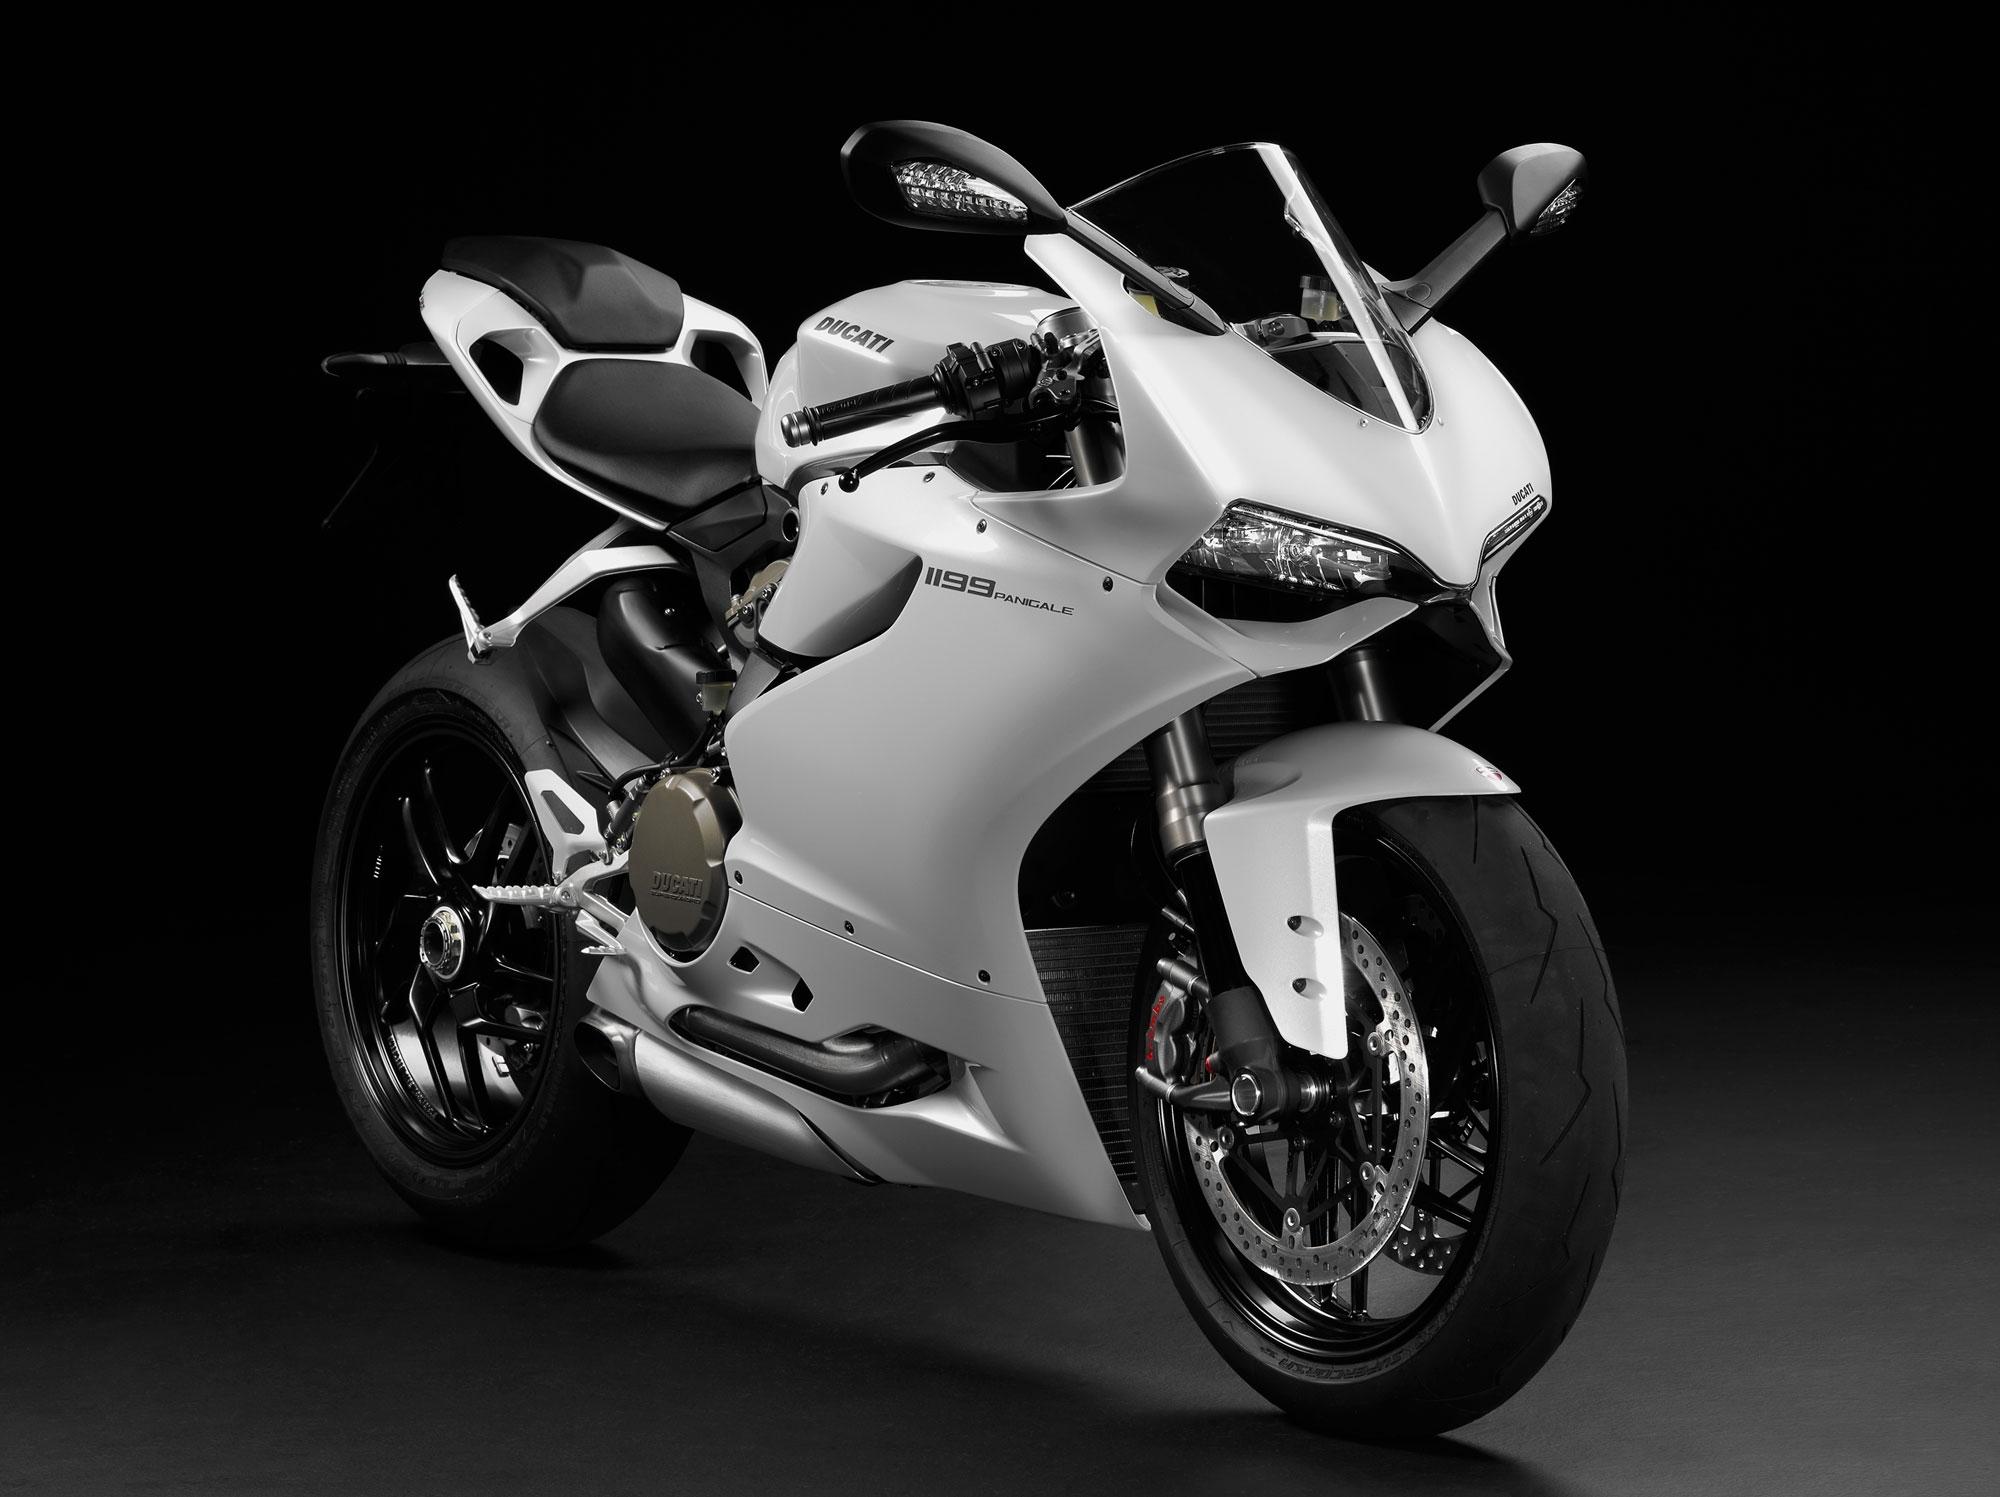 ducati superbike pictures